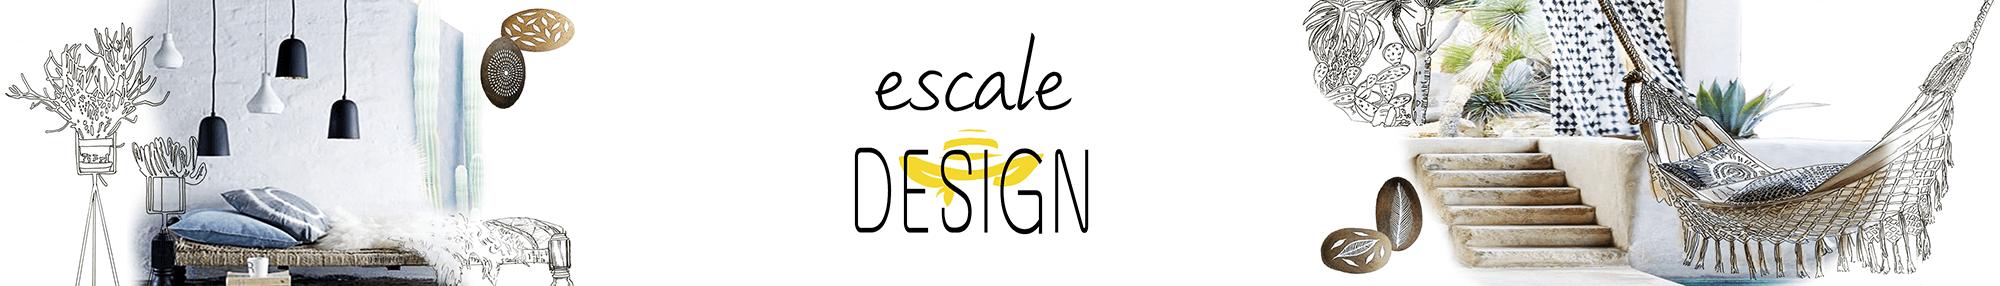 escale DESIGN